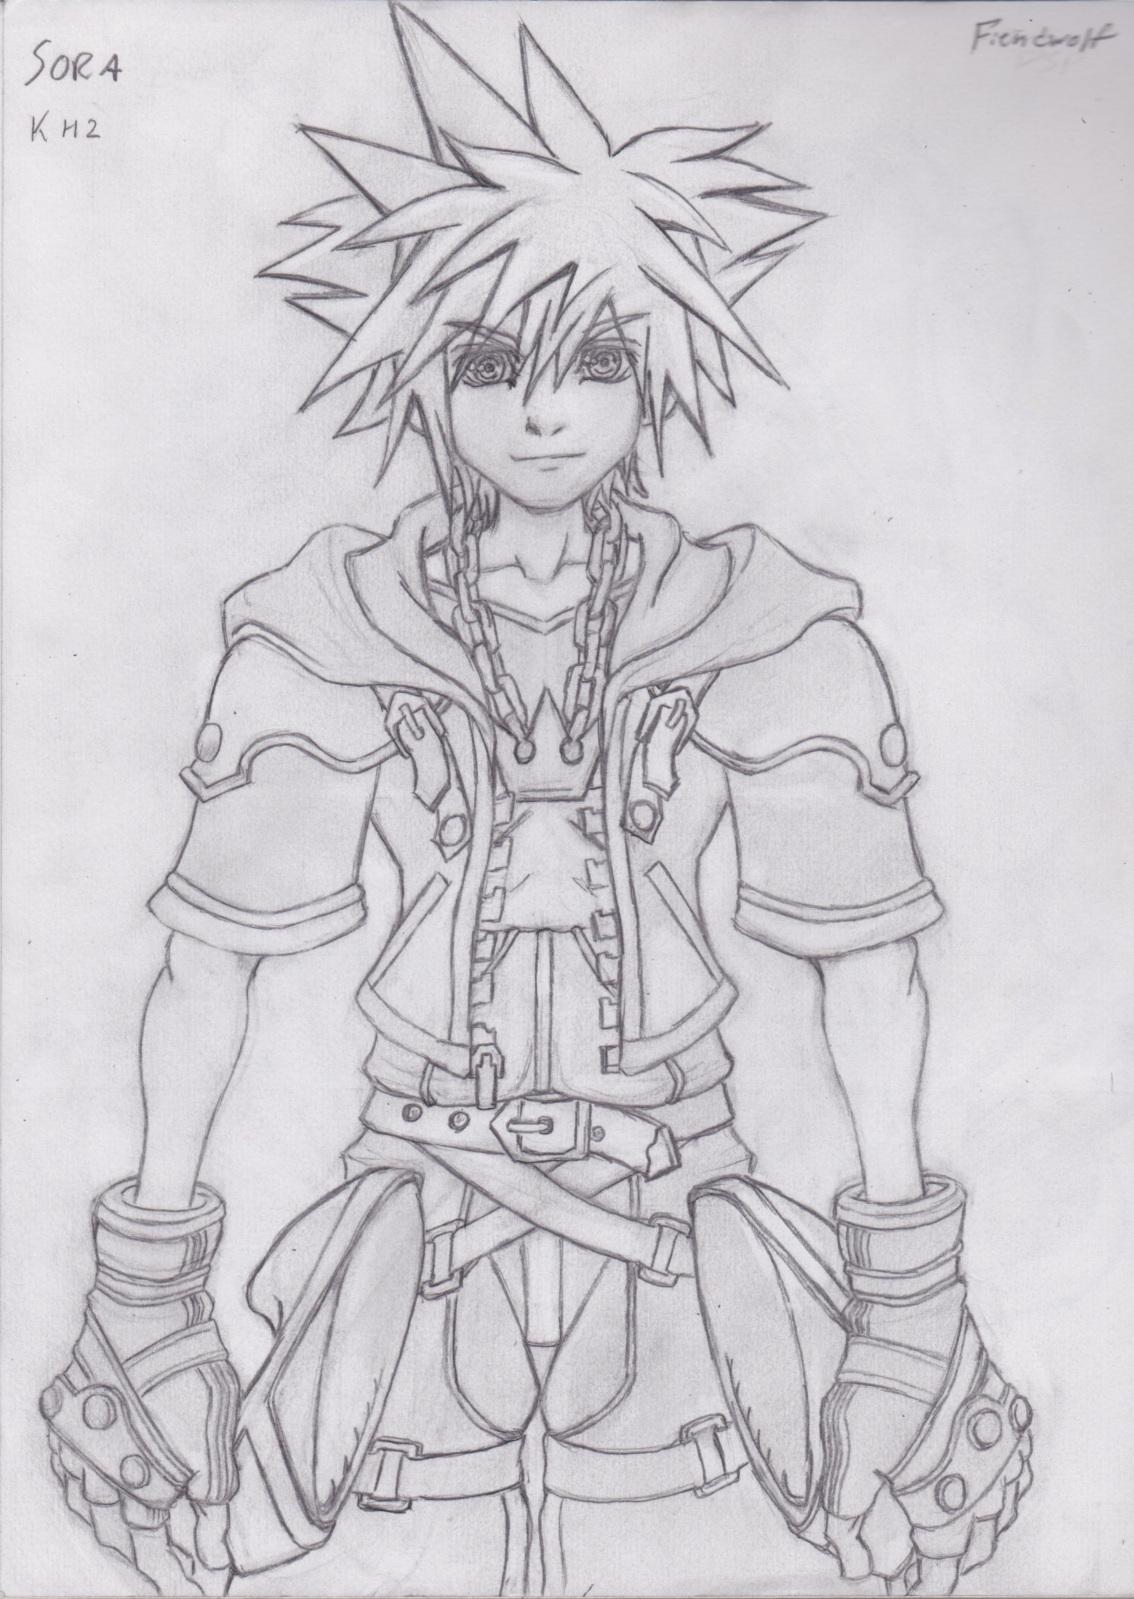 Practice sketch kingdom hearts ii sora